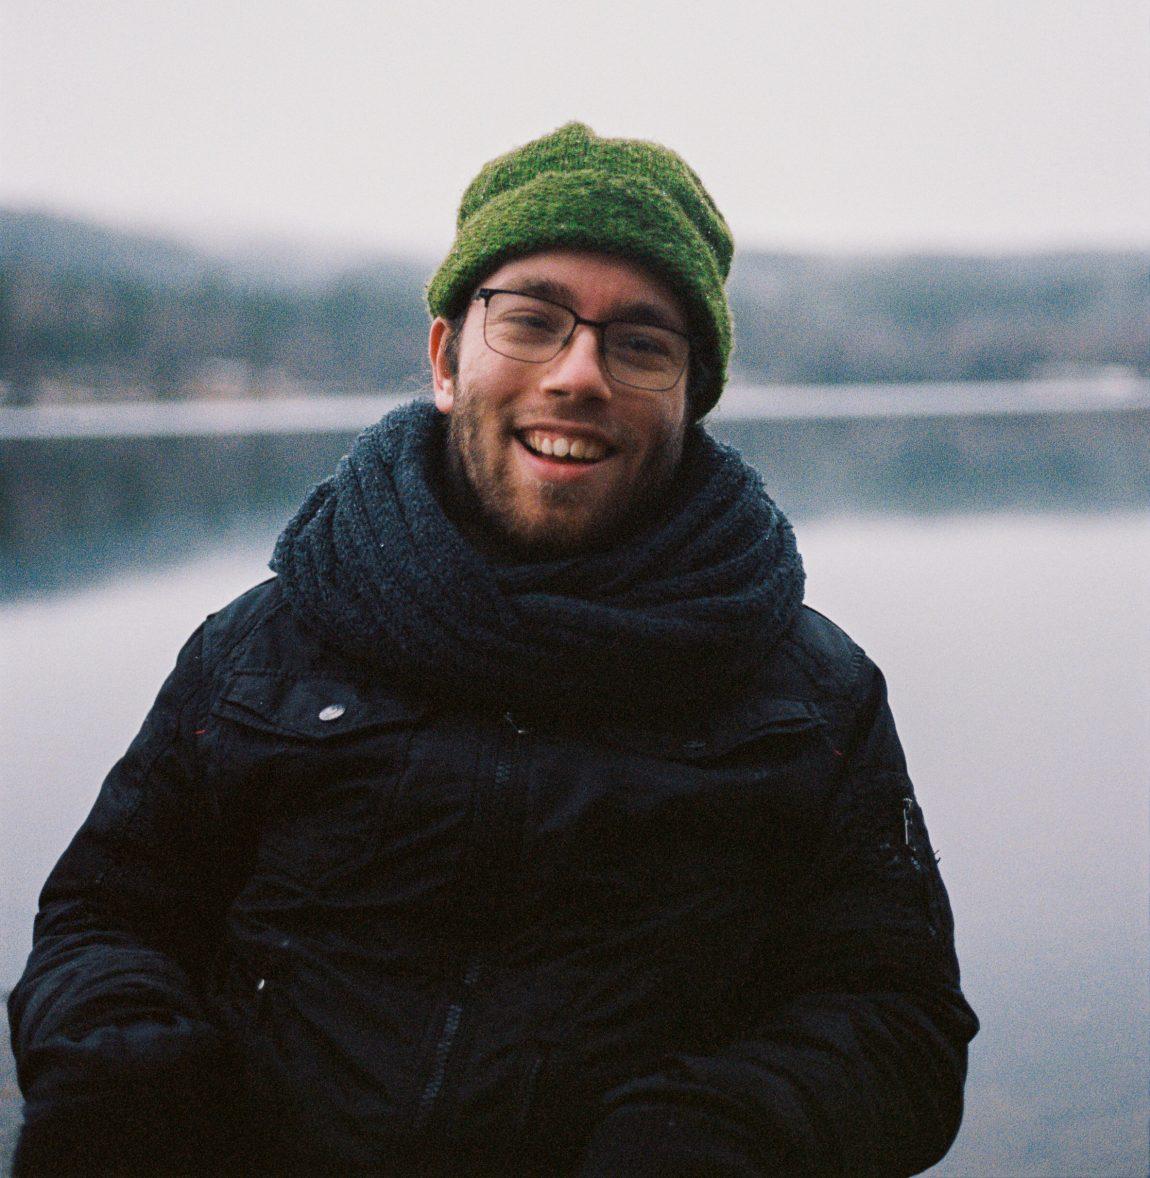 Johannes har på seg en grønn lue og tykt skjerf. Han sitter ved vannkanten til Sognsvann og smiler til kamera.